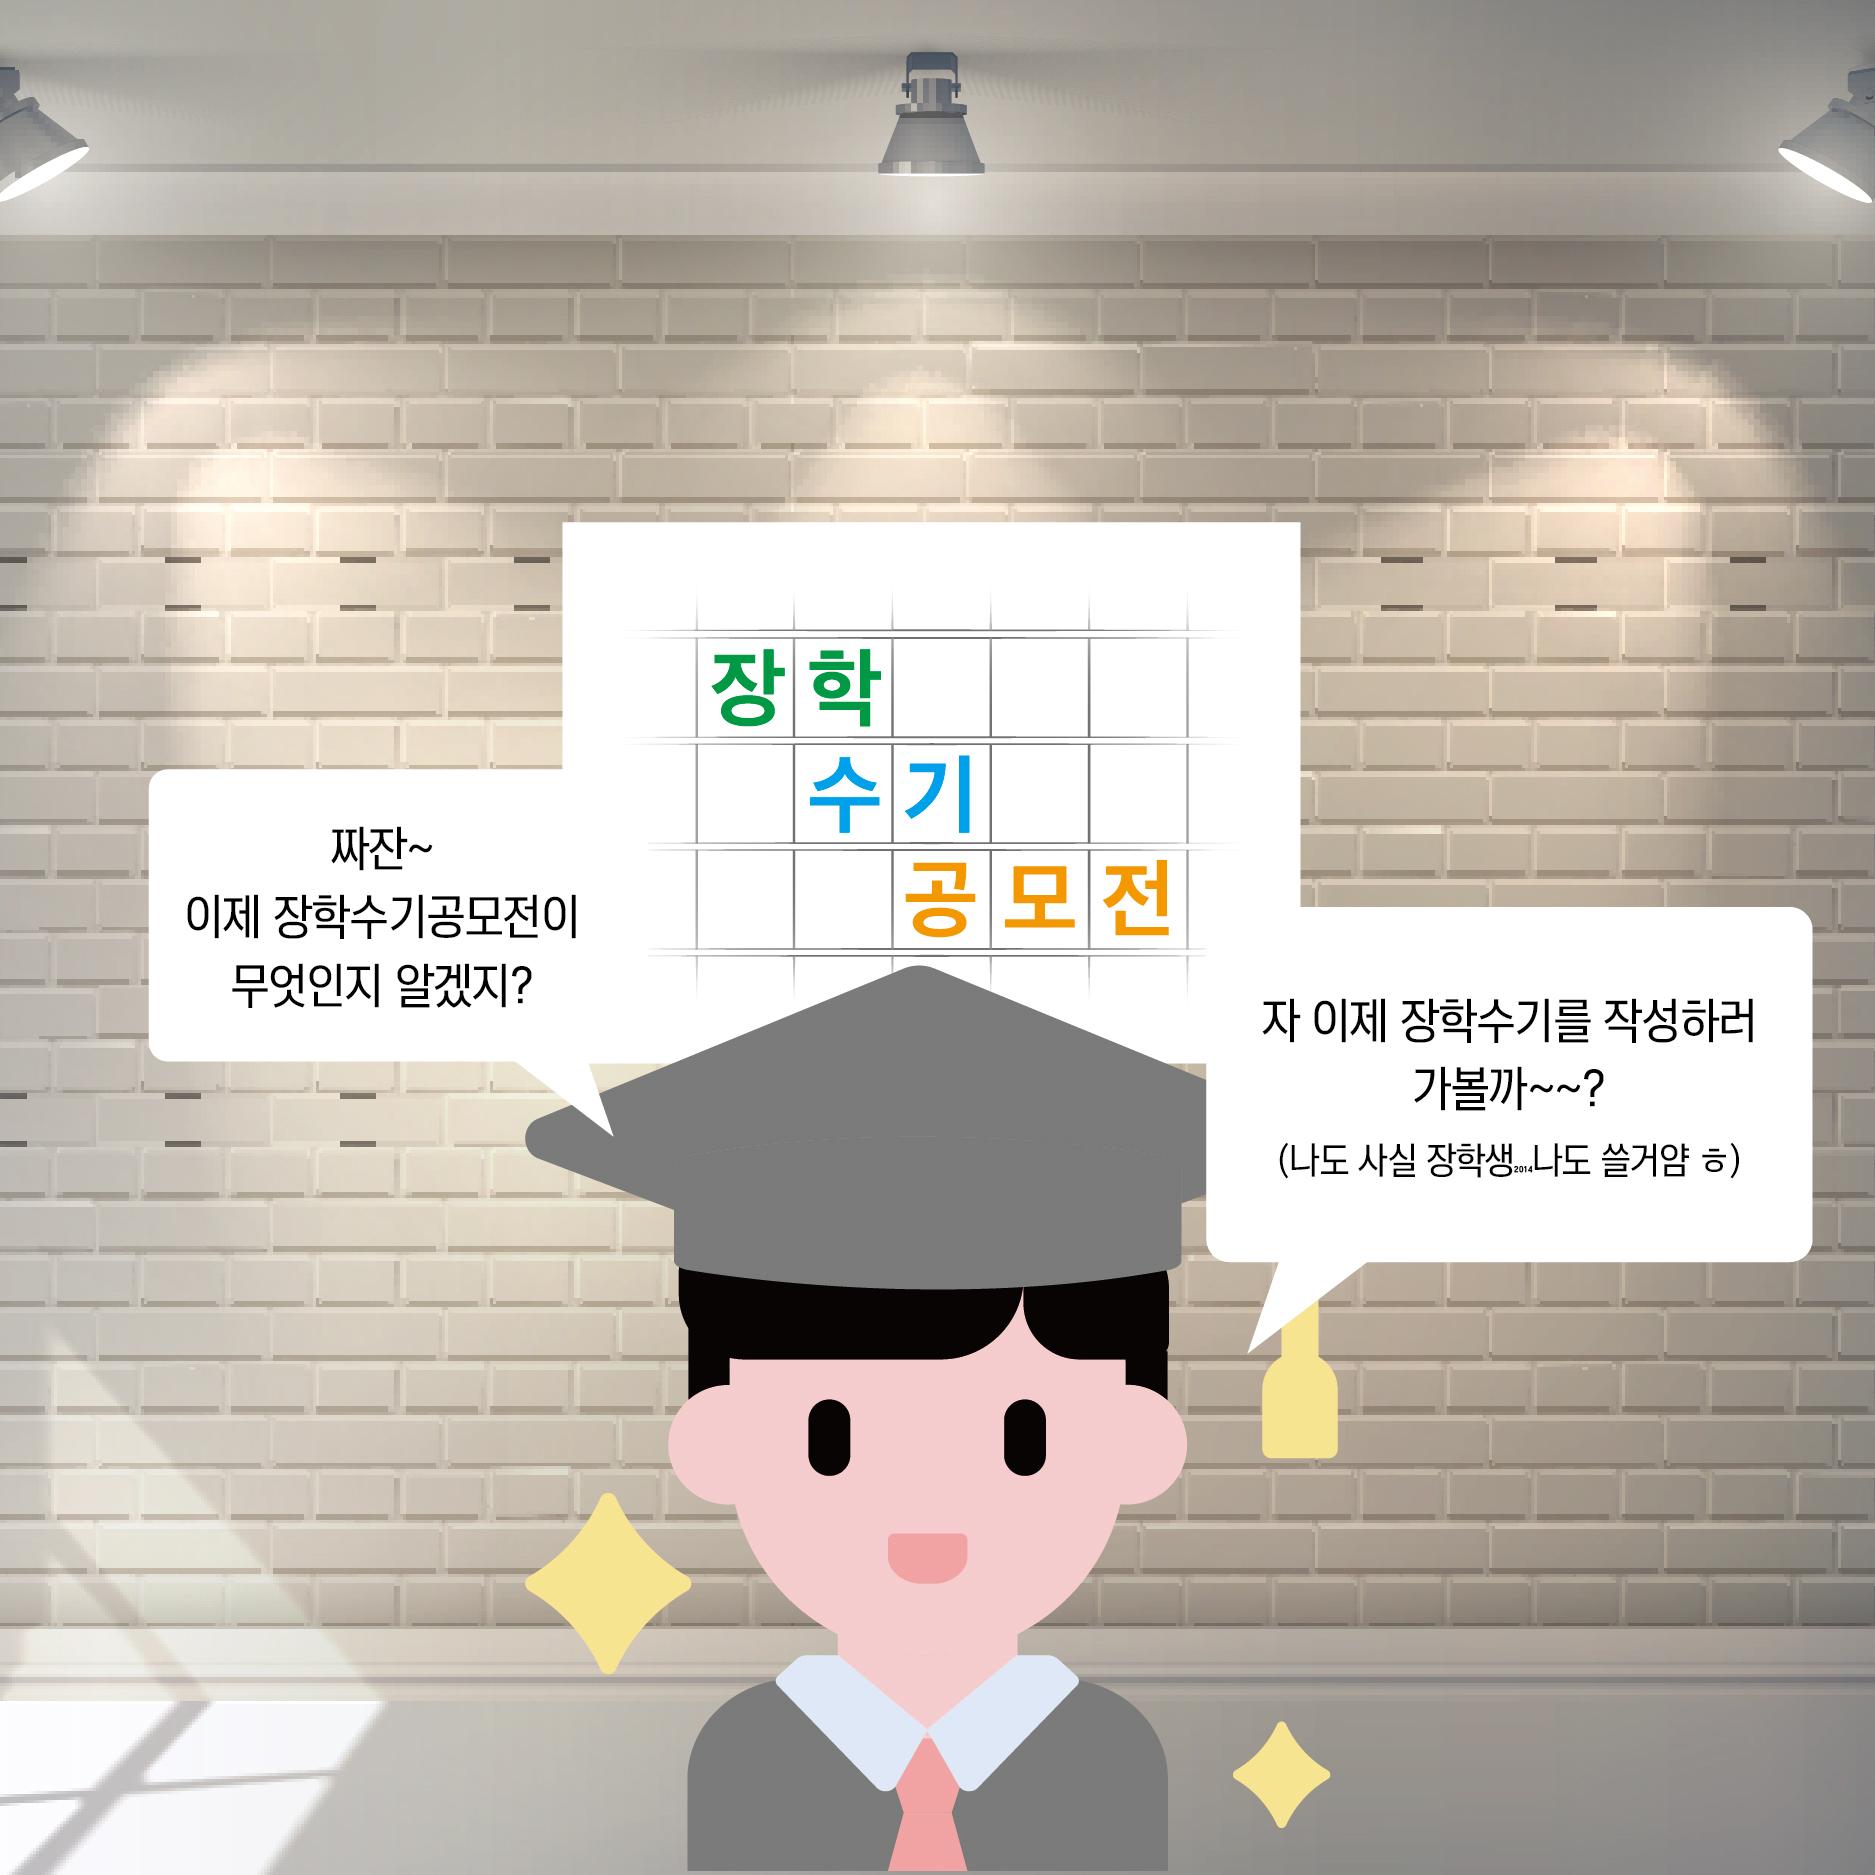 수기카드뉴스만들어보자3-12.jpg